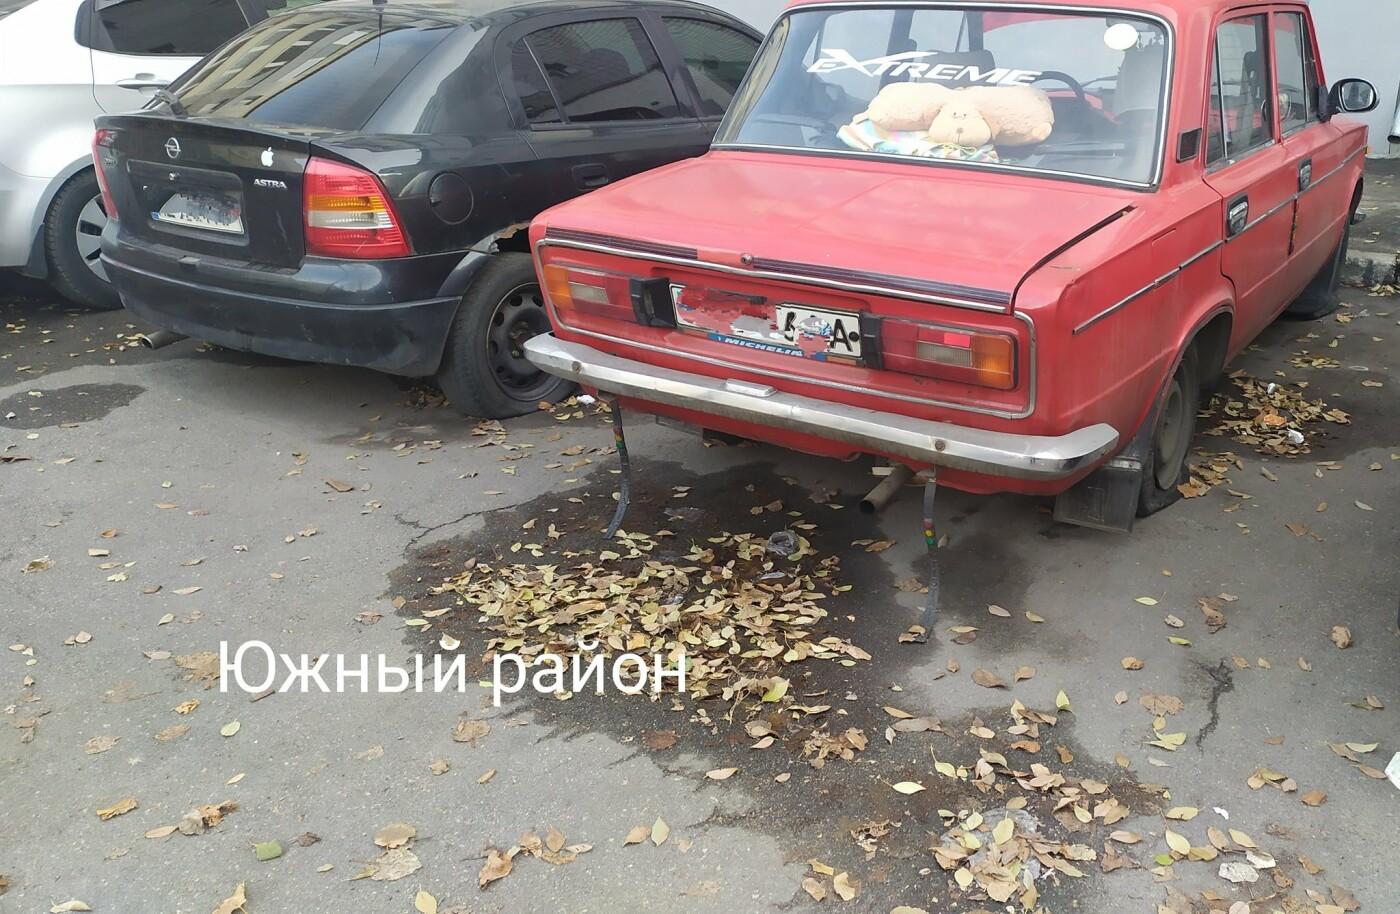 В Каменском на улице Матросова неизвестные массово порезали колеса на авто , фото-1, Олег Вергун